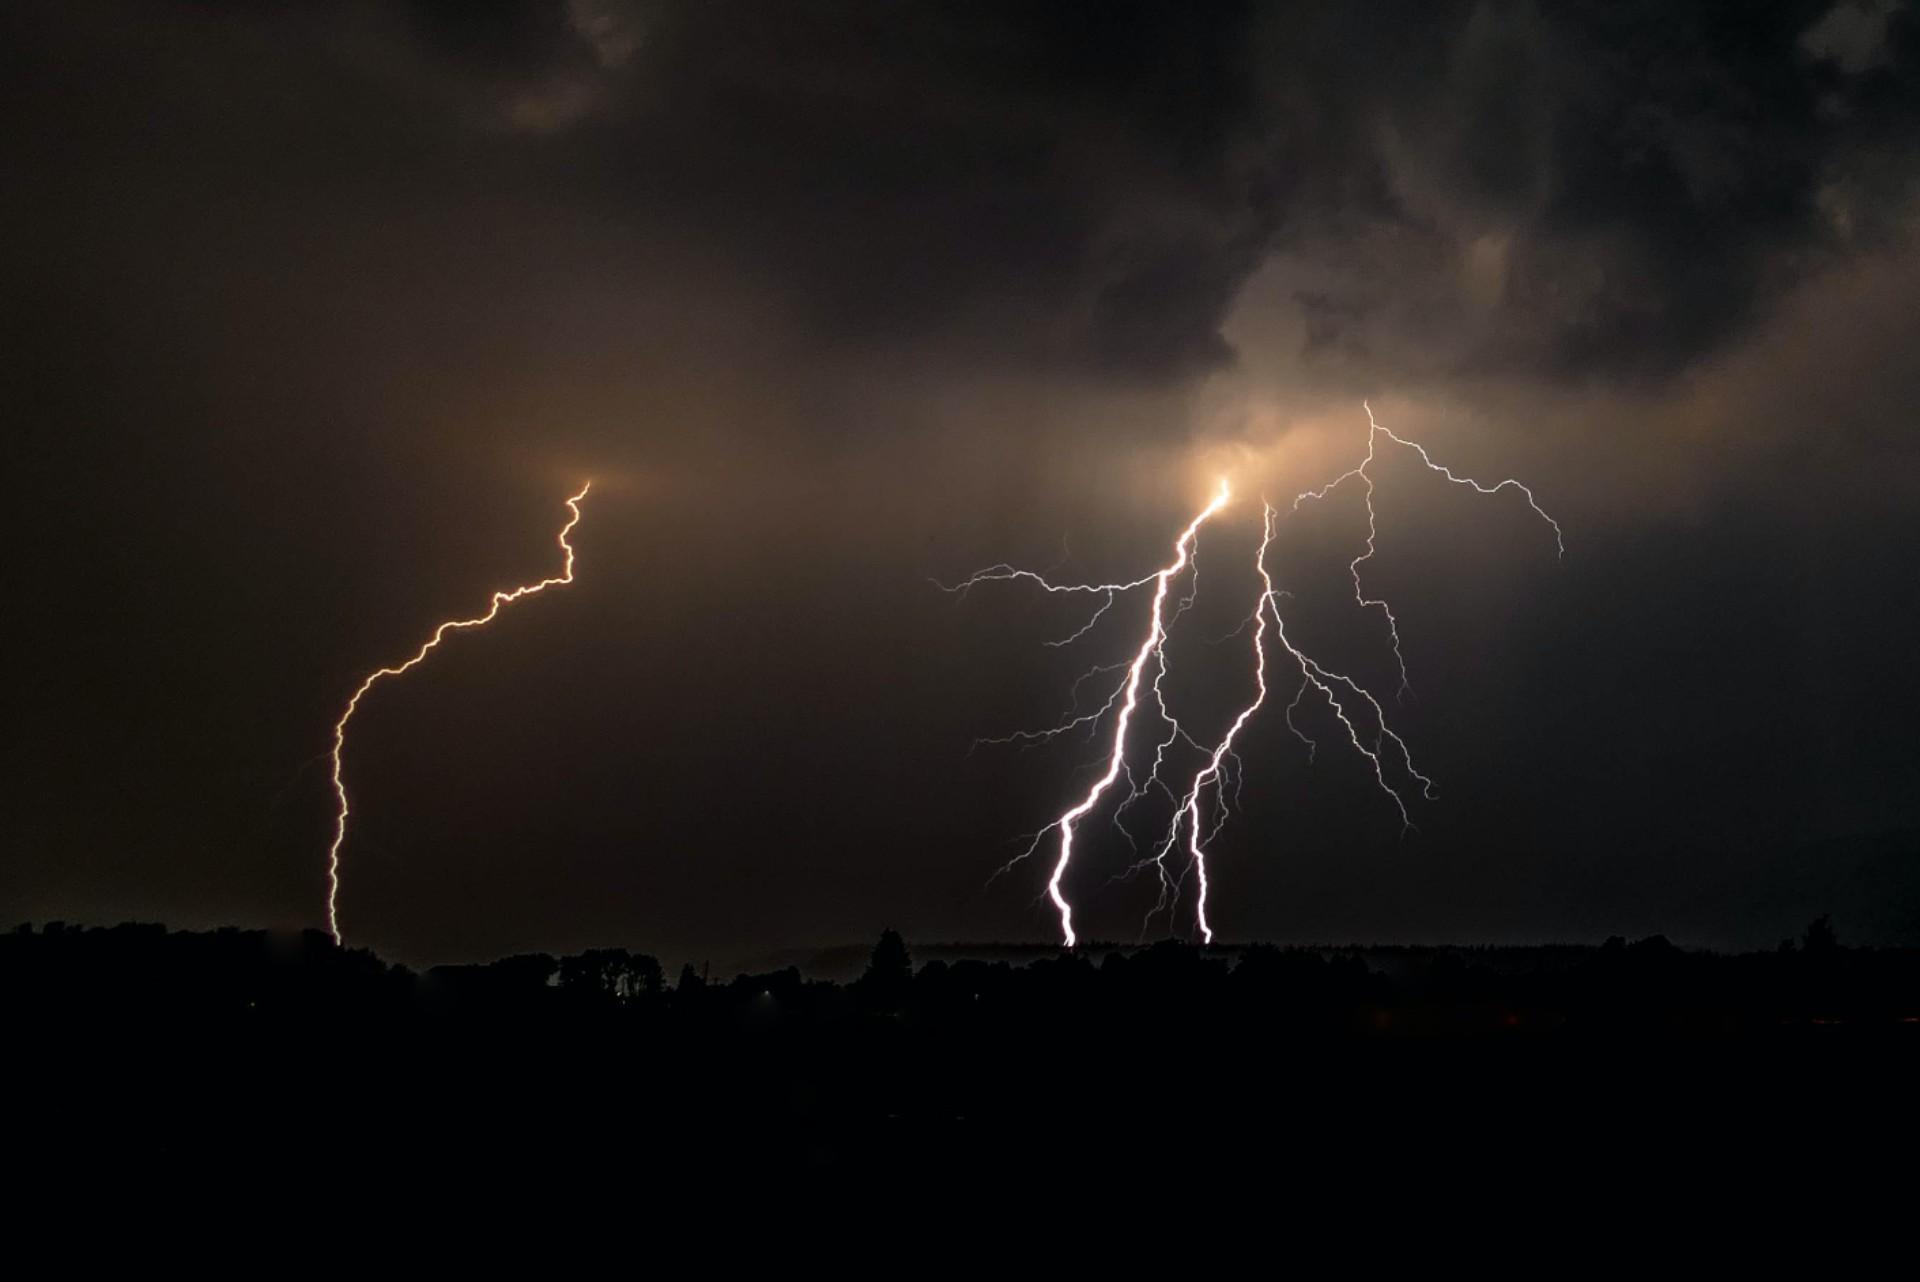 pogoda-wielka-nawalnica